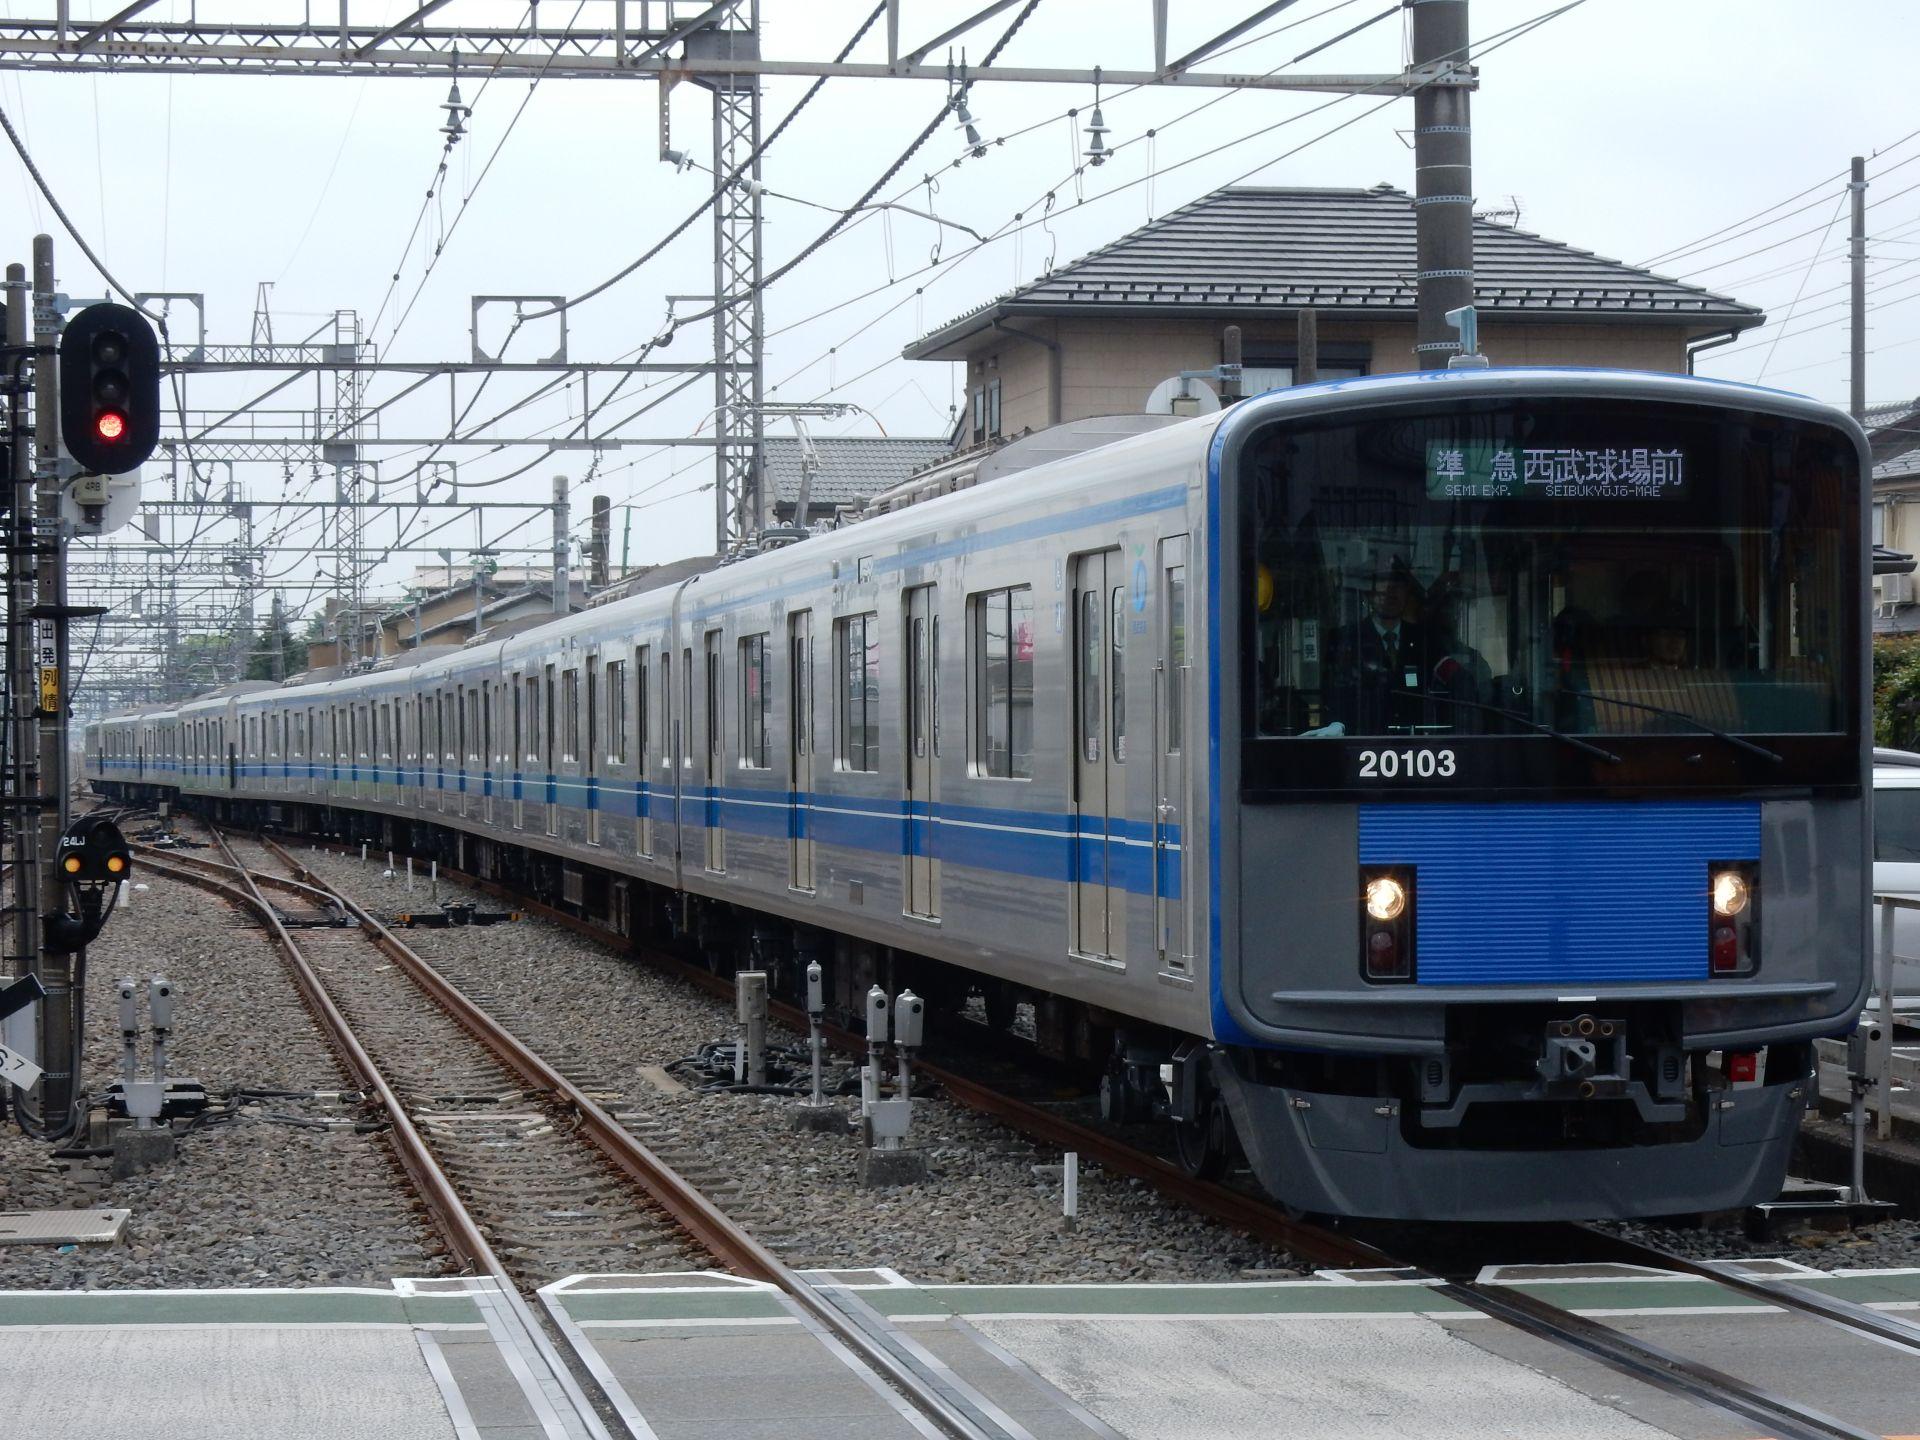 DSCN7946 - コピー